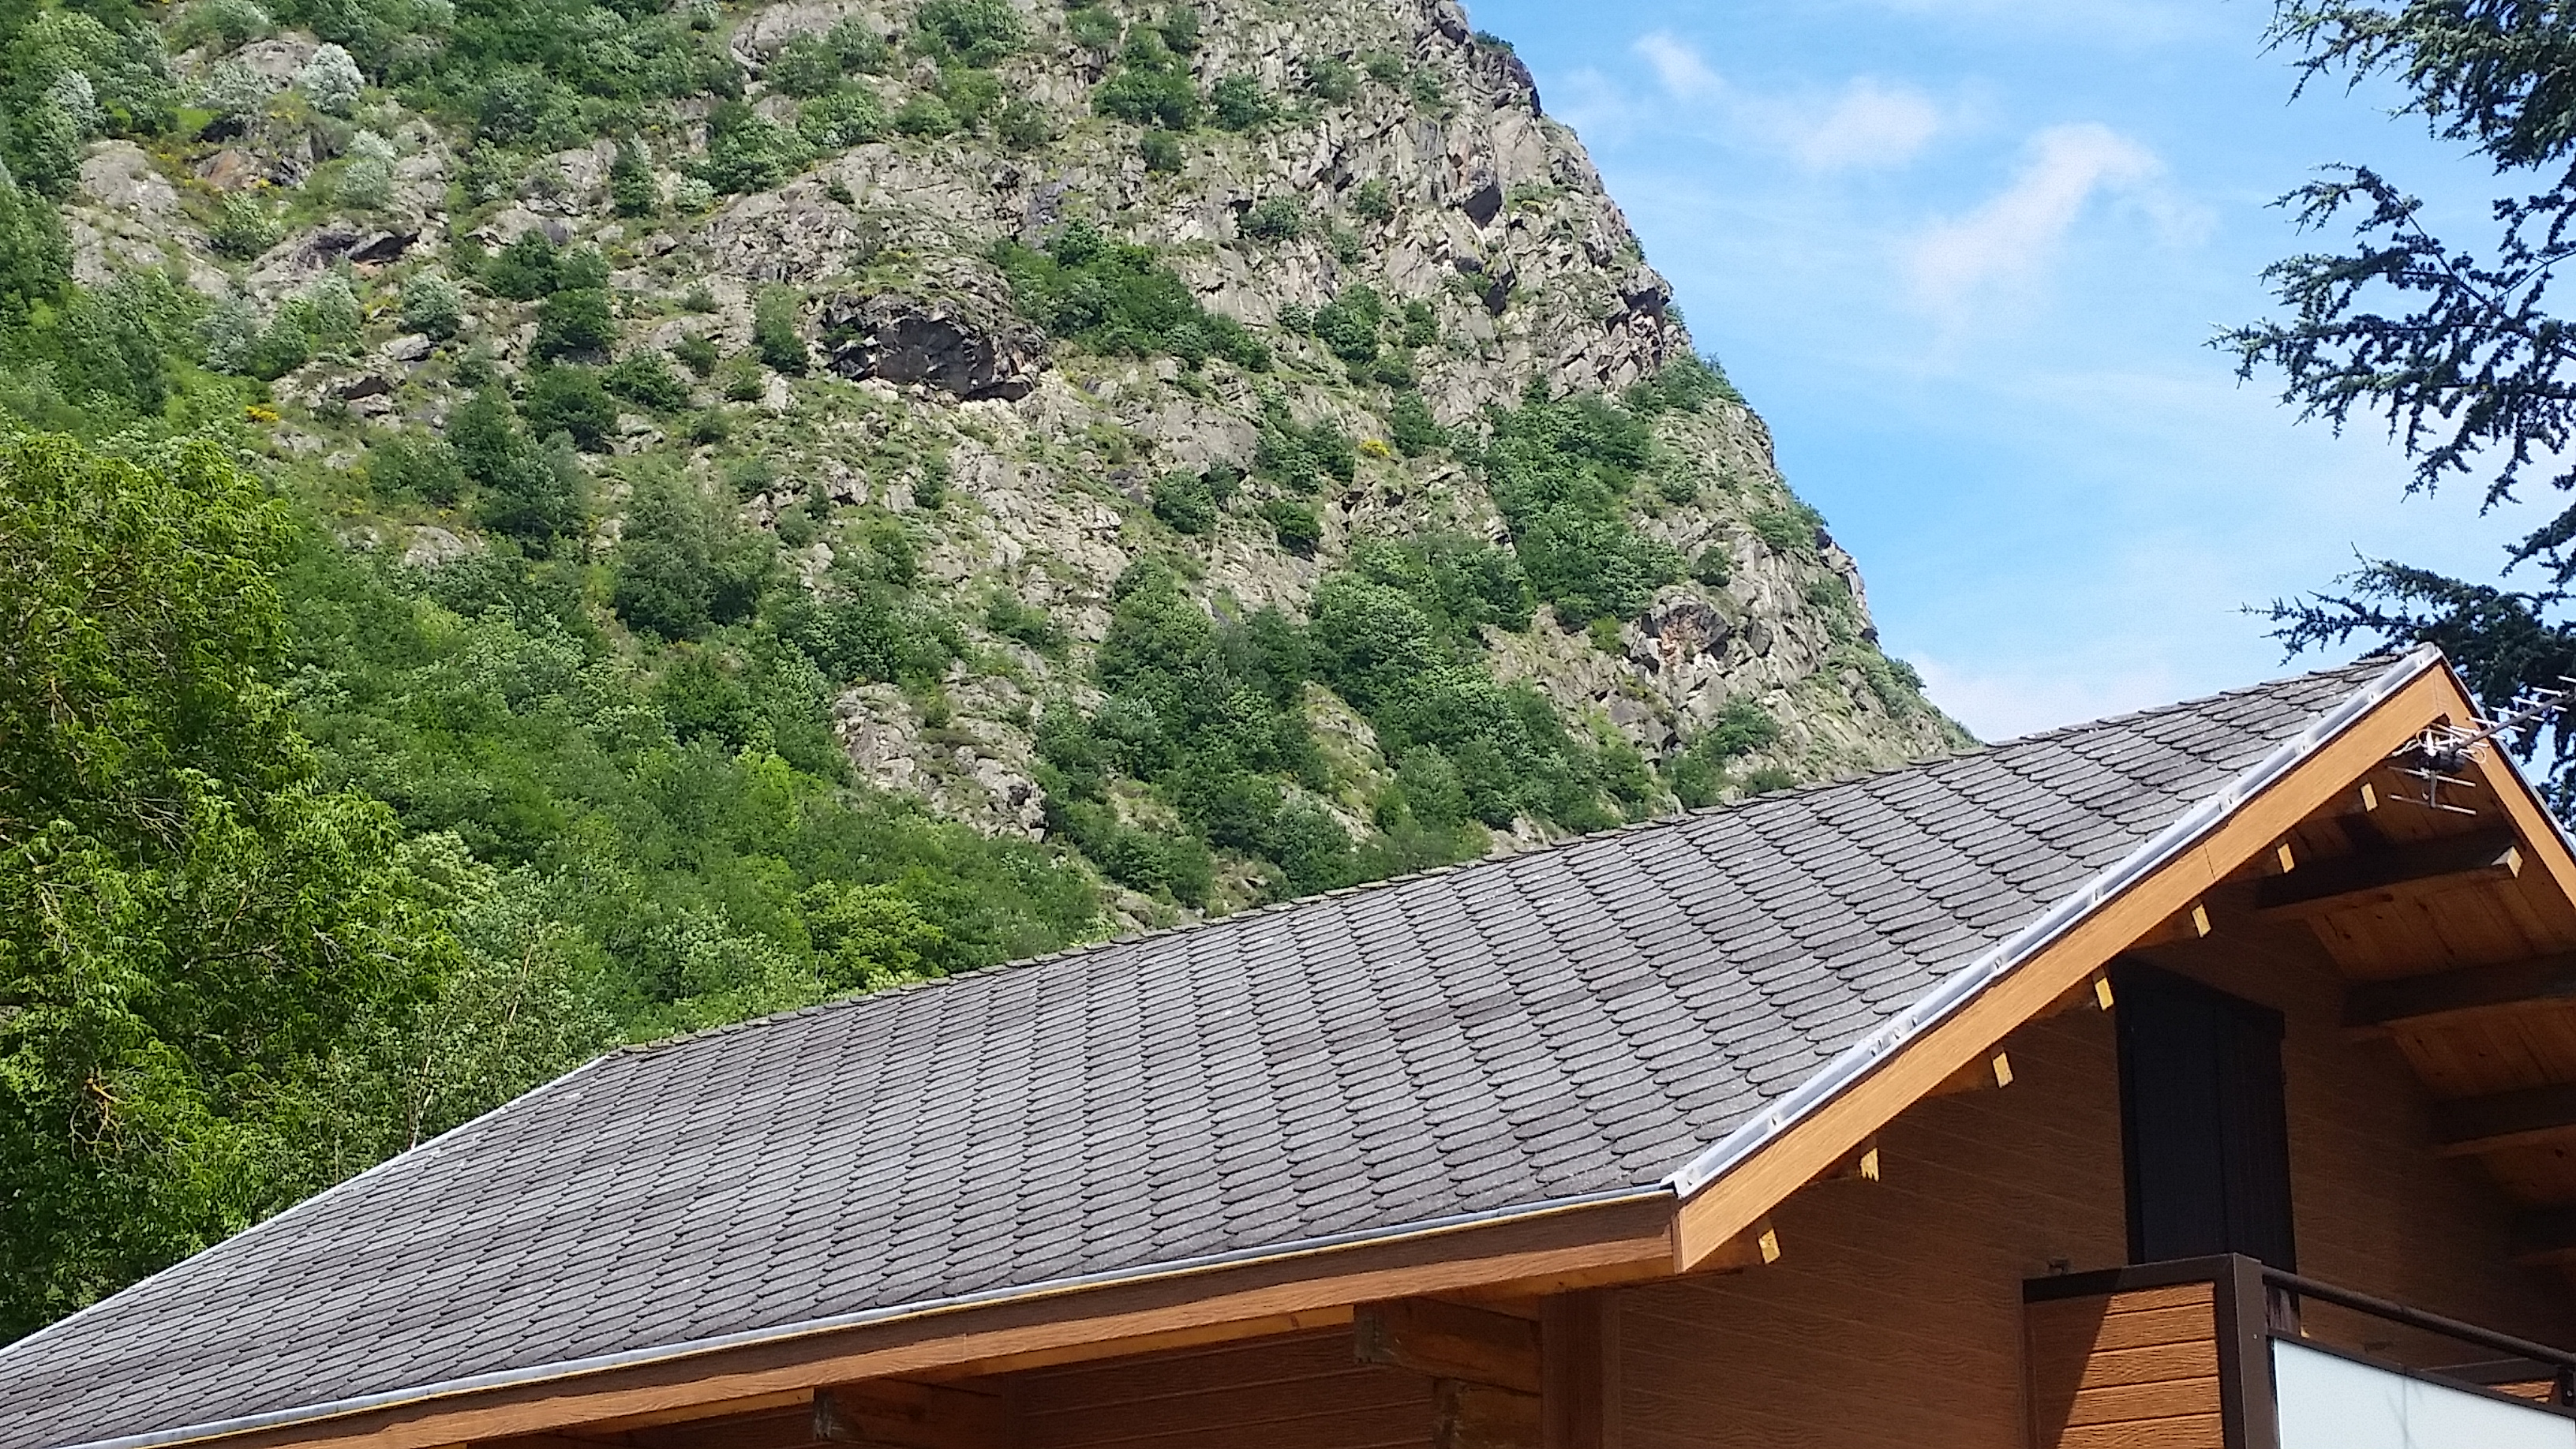 couverture shingle toiture - Couverture Occitanie